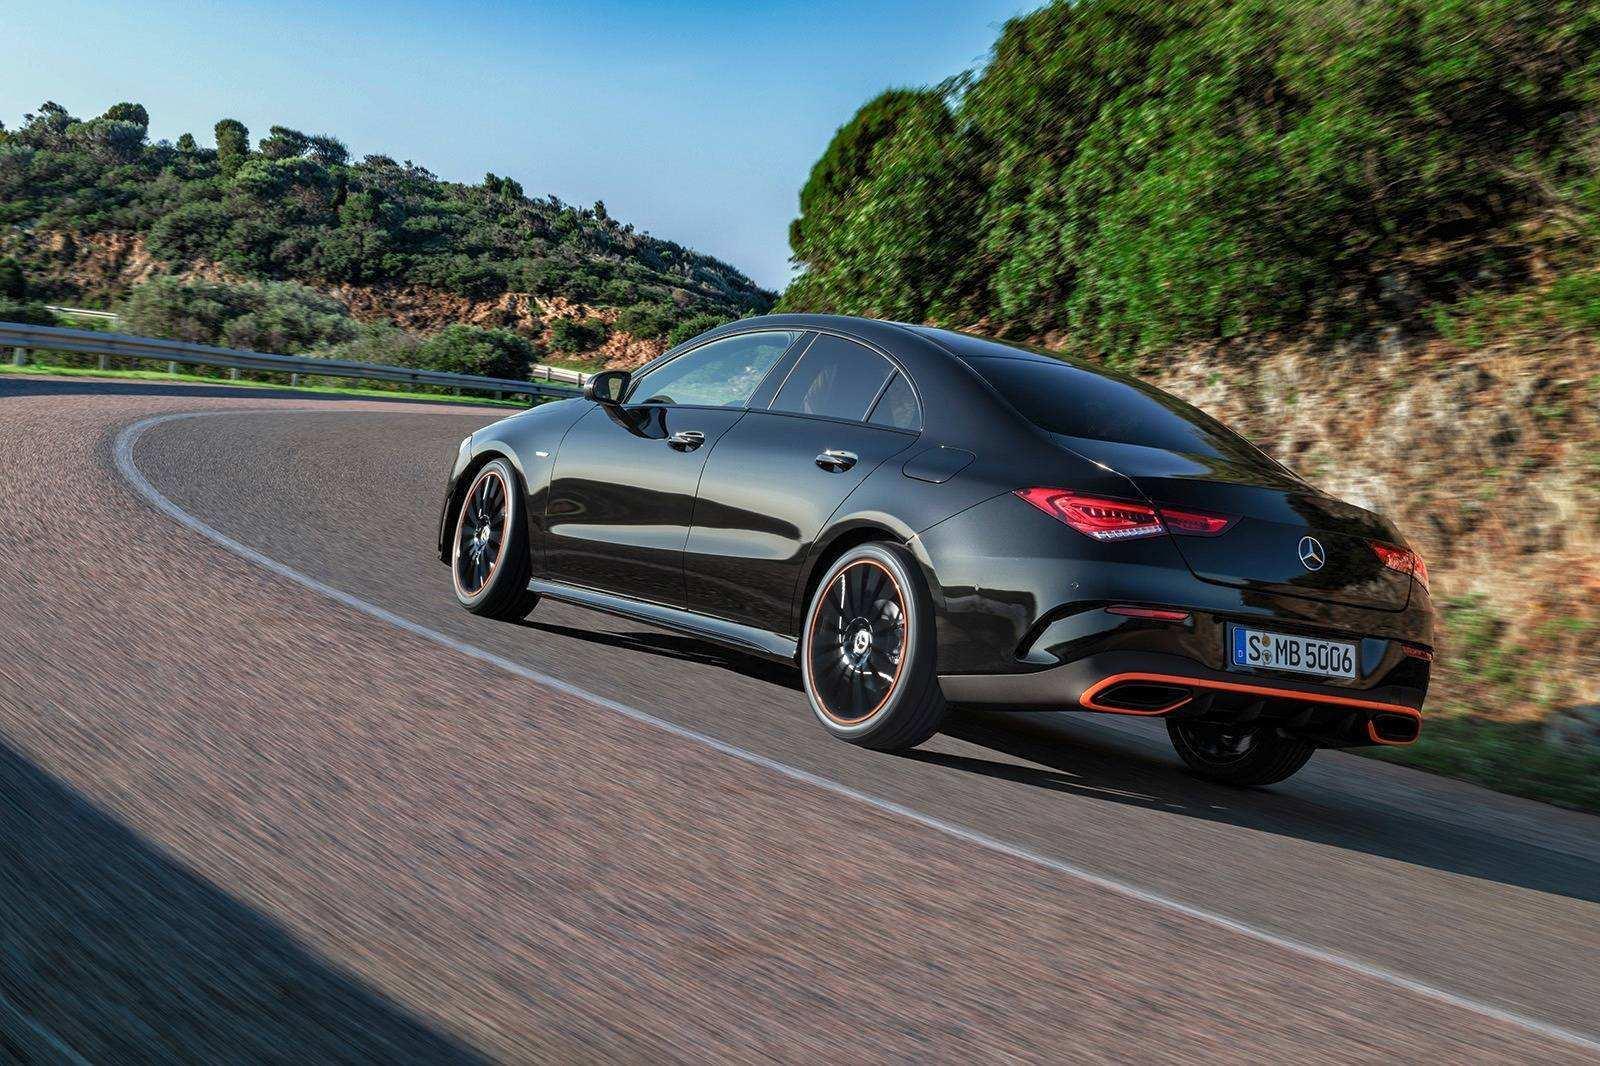 27 The Mercedes Hatchback 2020 Pricing with Mercedes Hatchback 2020